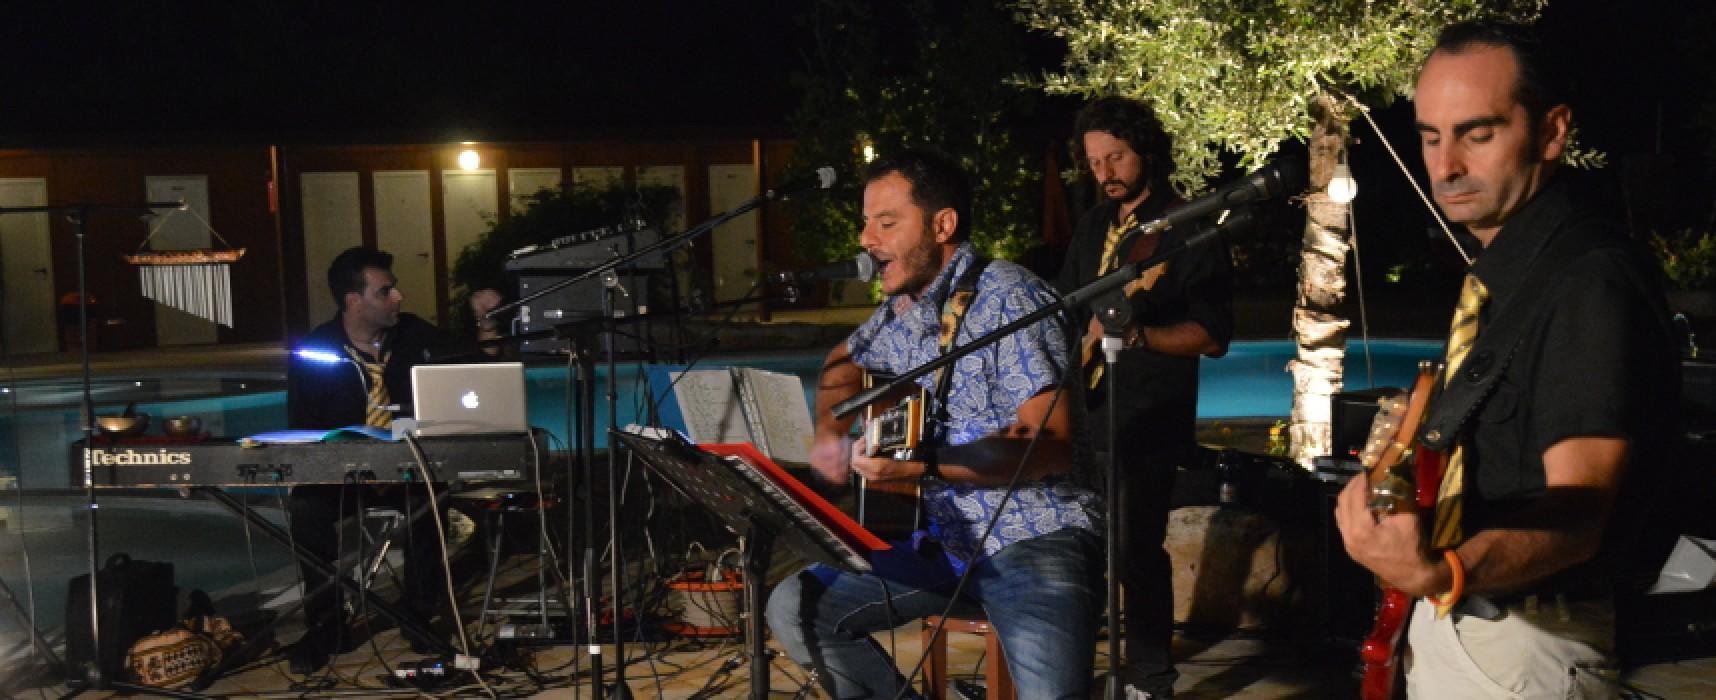 """Passione, coinvolgimento, buona musica: ottimo successo per """"Tienamente Band"""" / FOTO"""